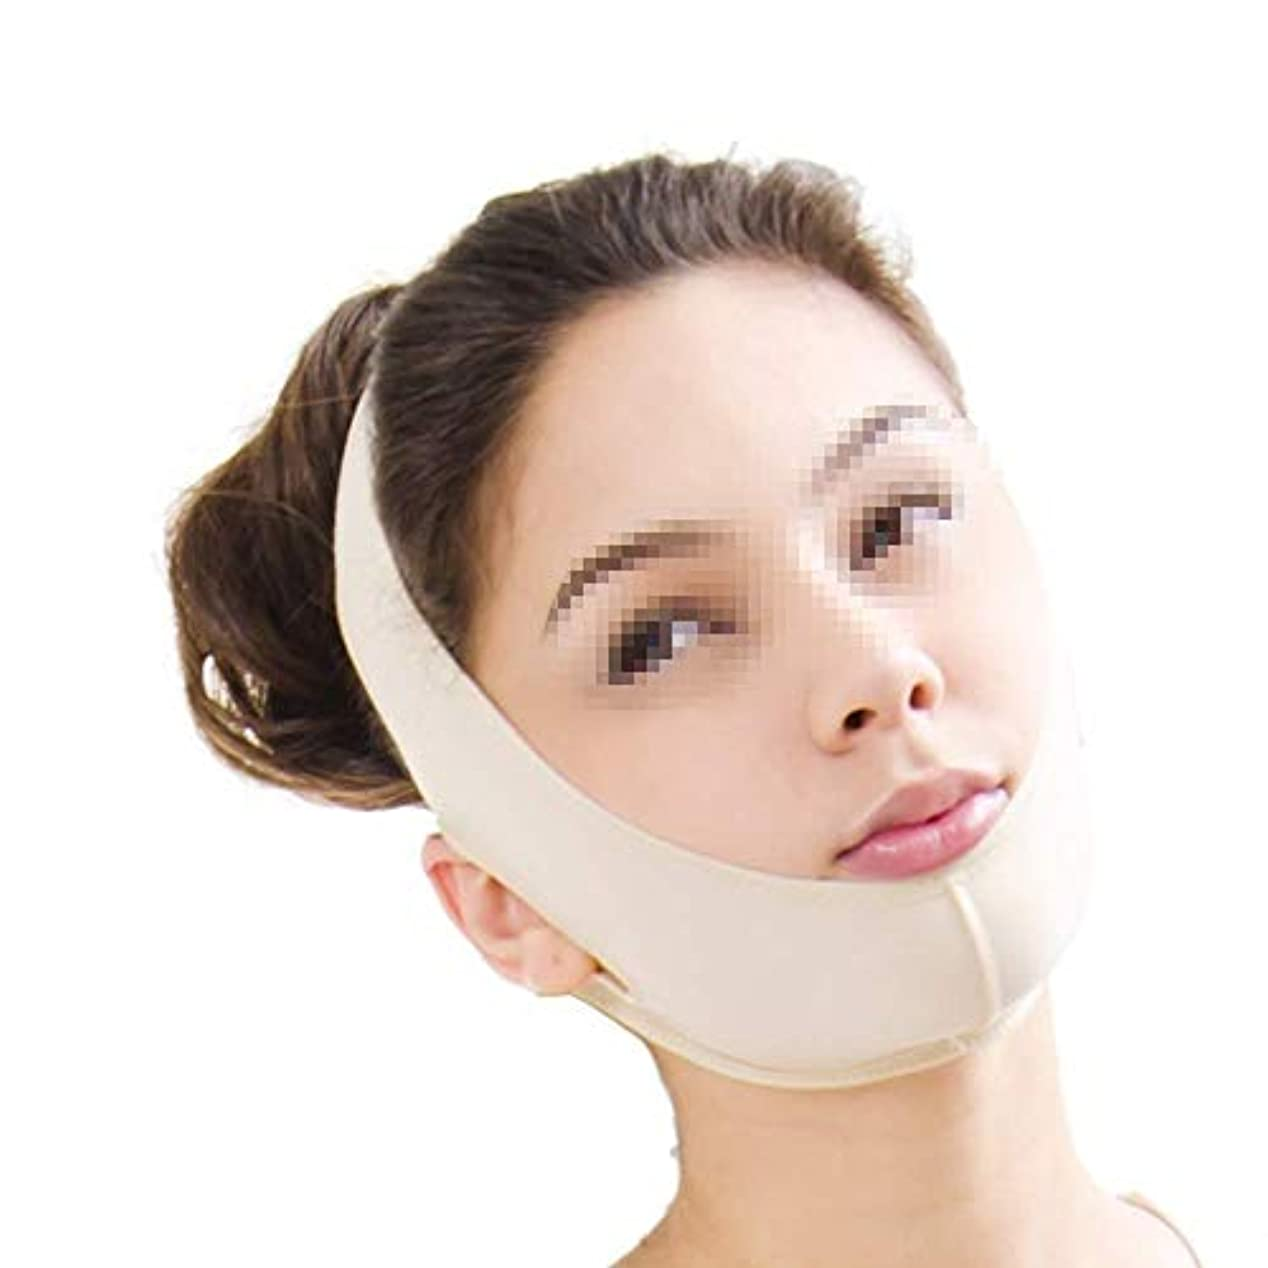 葉量でエミュレーションフェイスリフトマスク、顎顔面ダブルチン化粧品脂肪吸引後圧縮小顔包帯弾性ヘッドギア(サイズ:XXL)